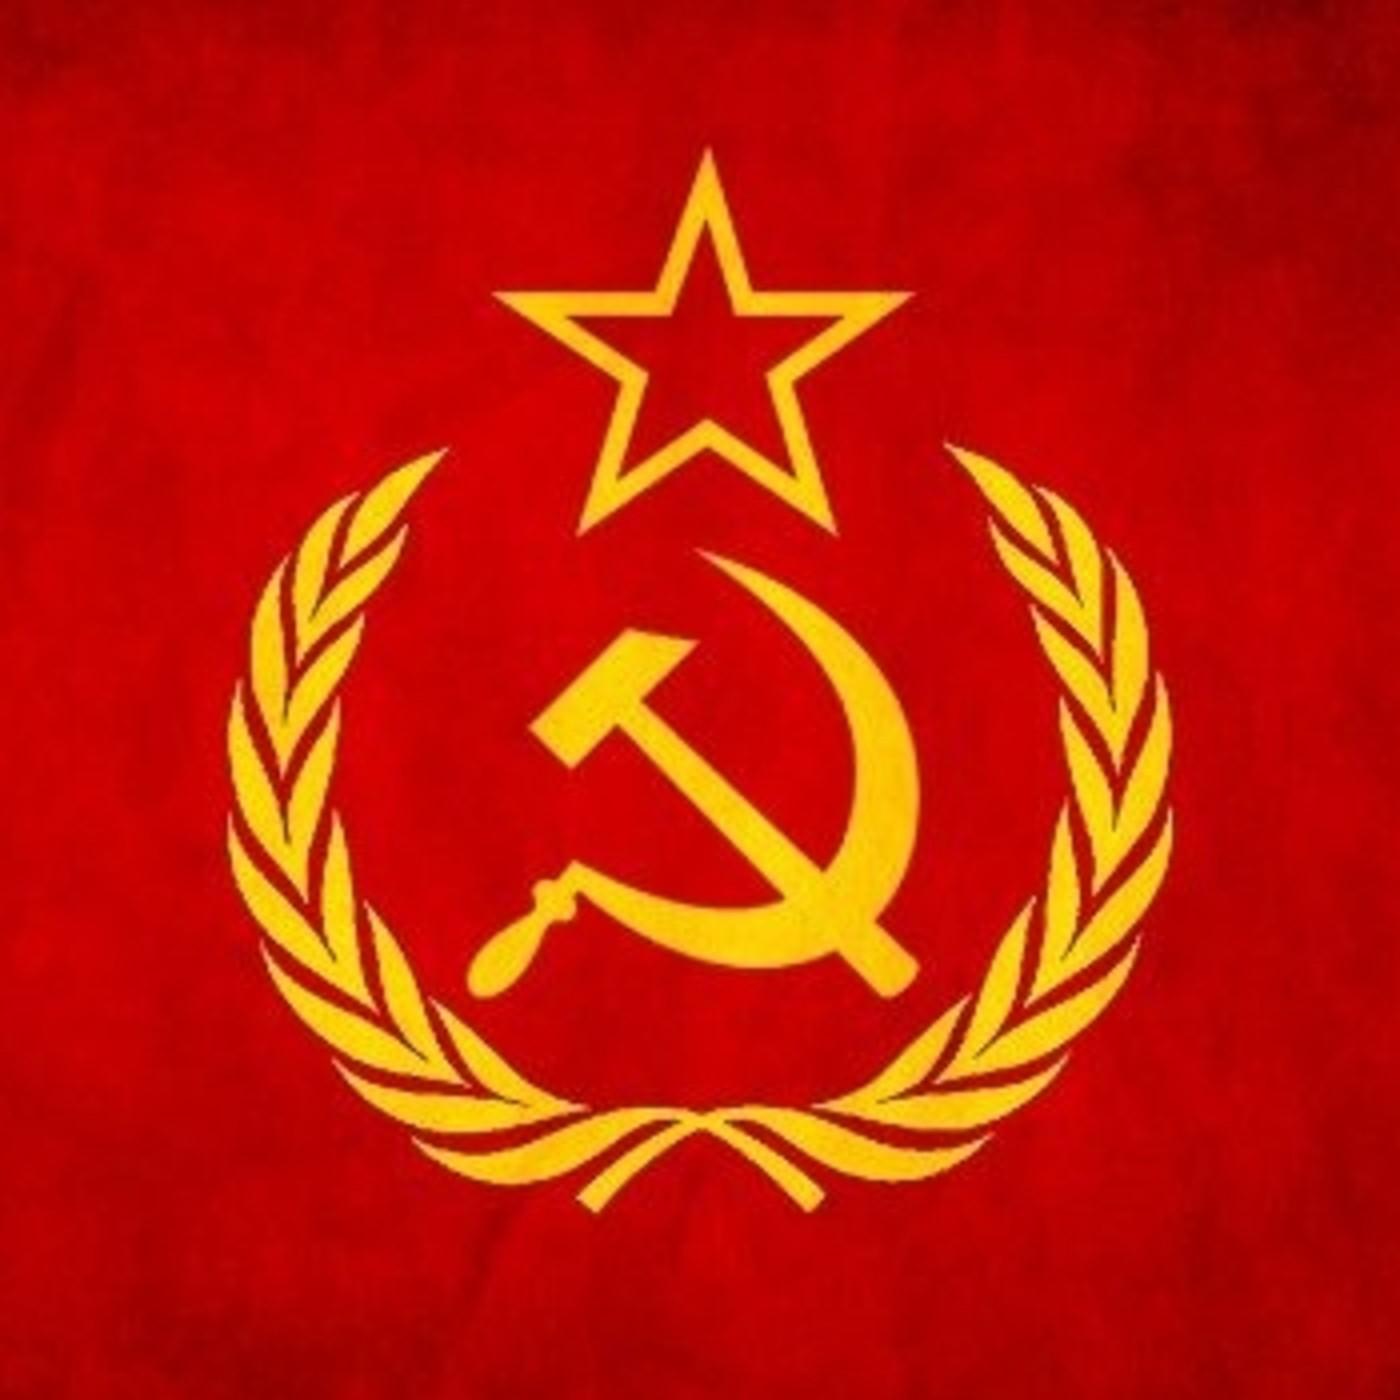 3X16 El Infierno de Stalin: la gran conspiración del siglo XX • Nuevo Orden Mundial • Tesoros Templarios